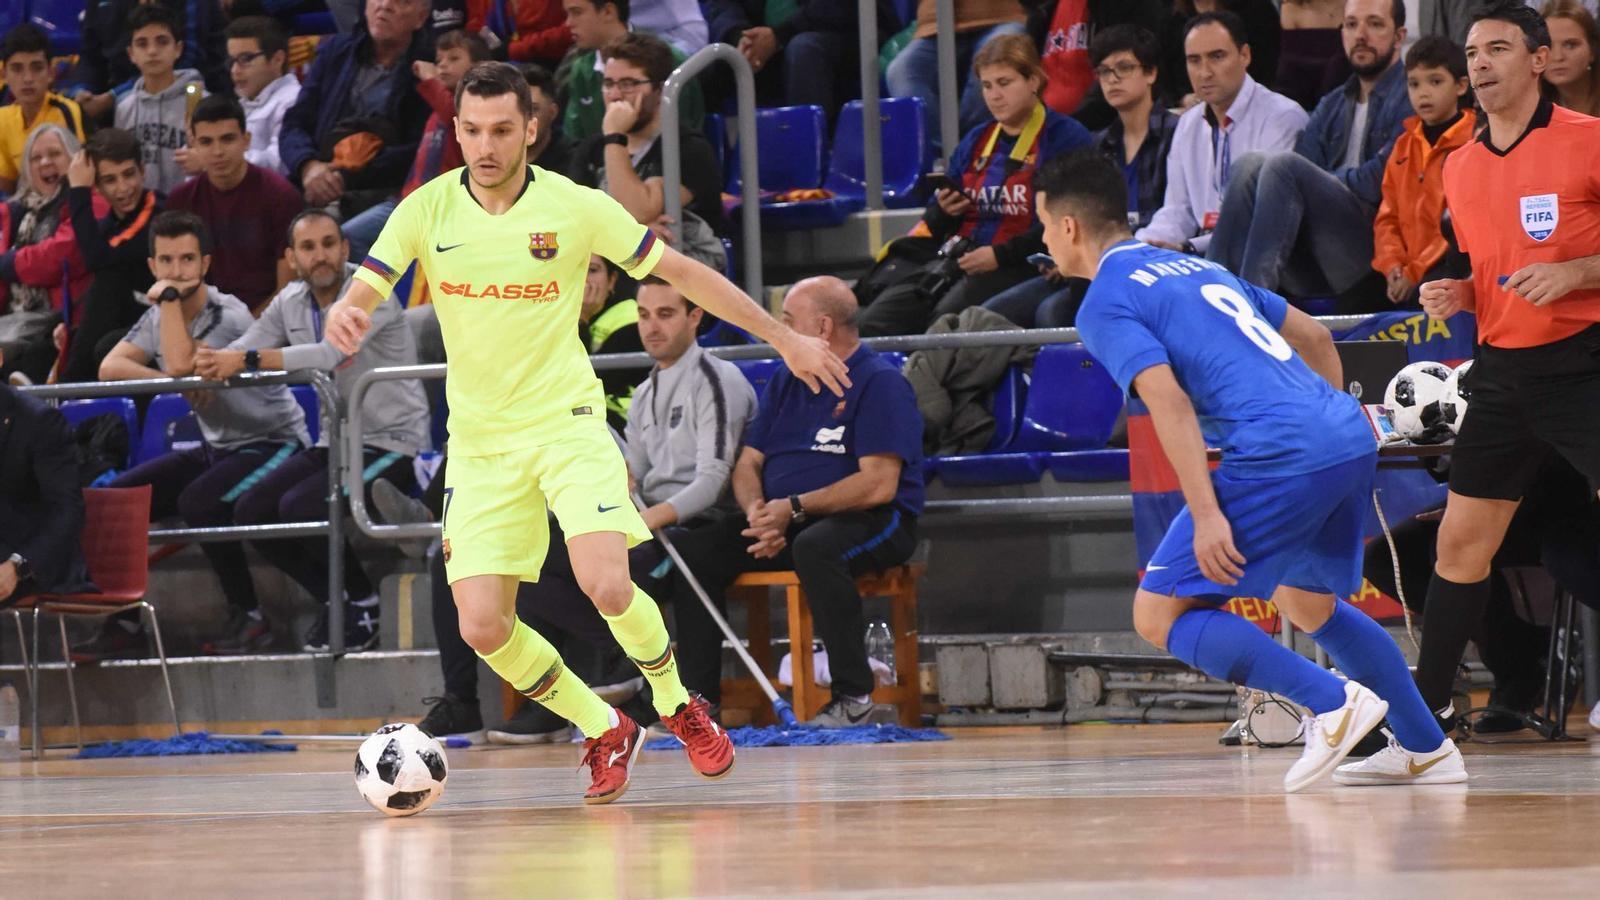 El Barça Lassa derrota l'Ugra Yugorsk rus i jugarà la 'final four' europea de futbol sala per sisena vegada